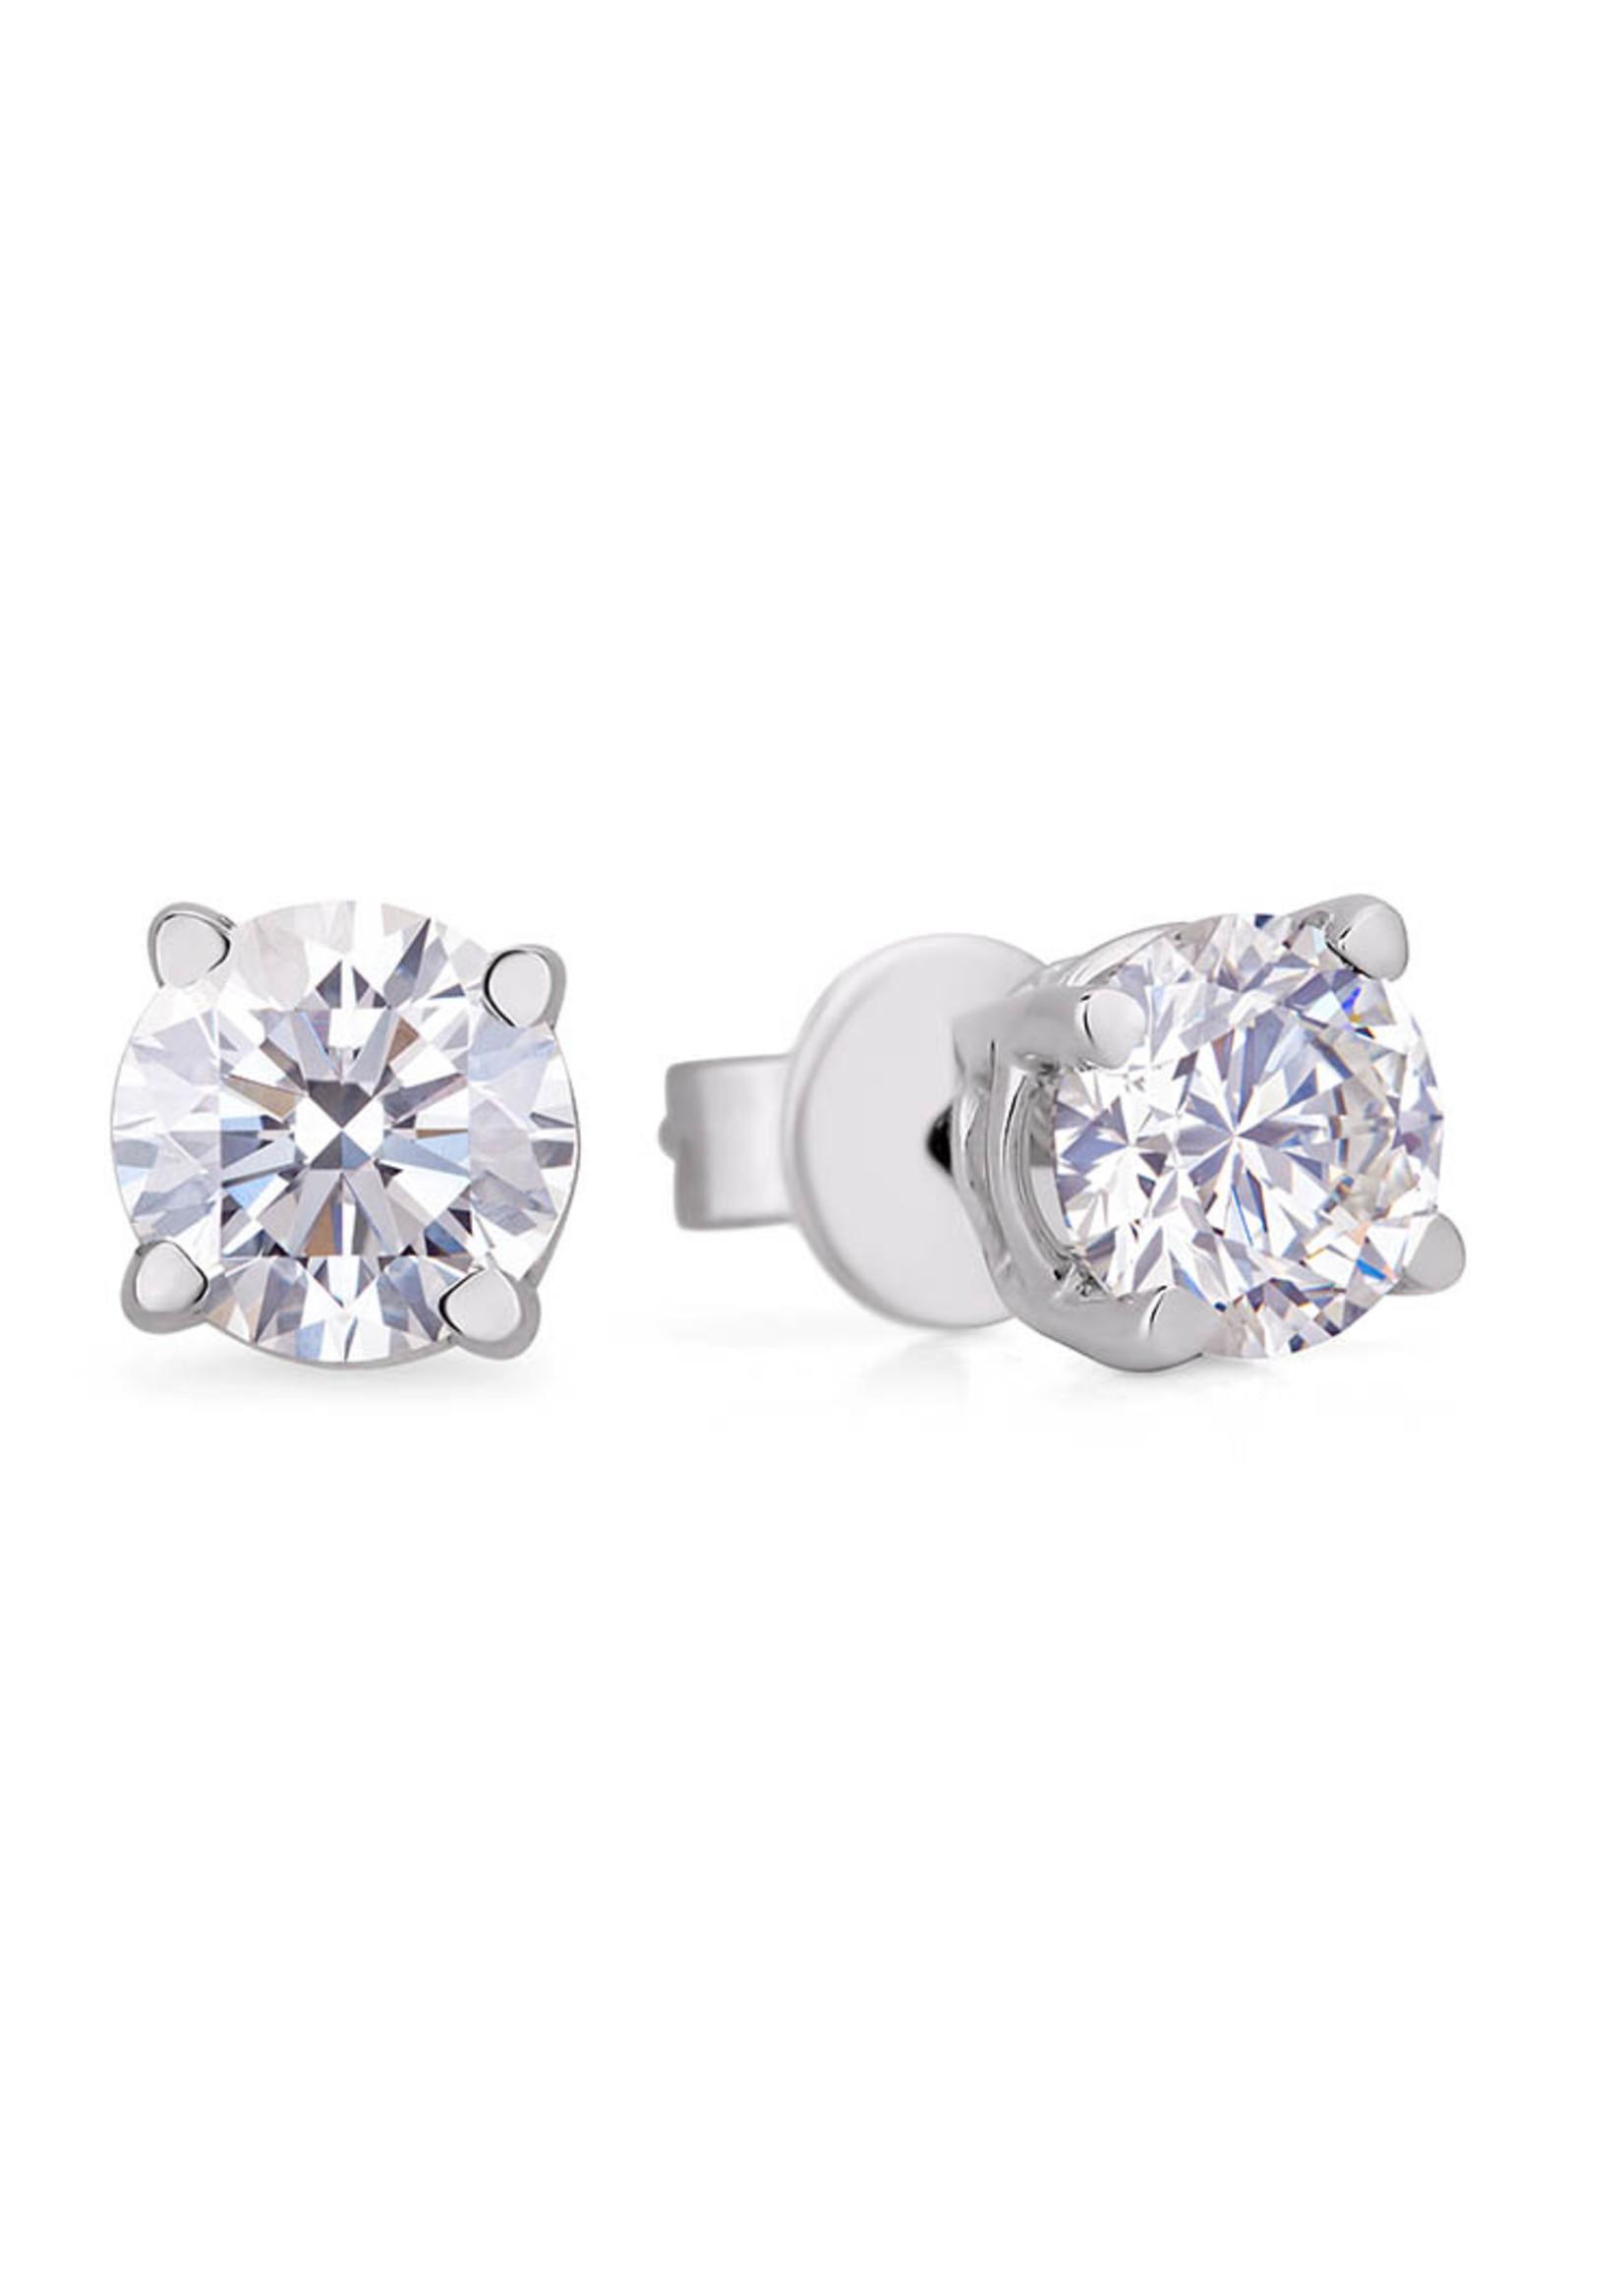 2.02CT DIAMOND EARRINGS I1, H, I